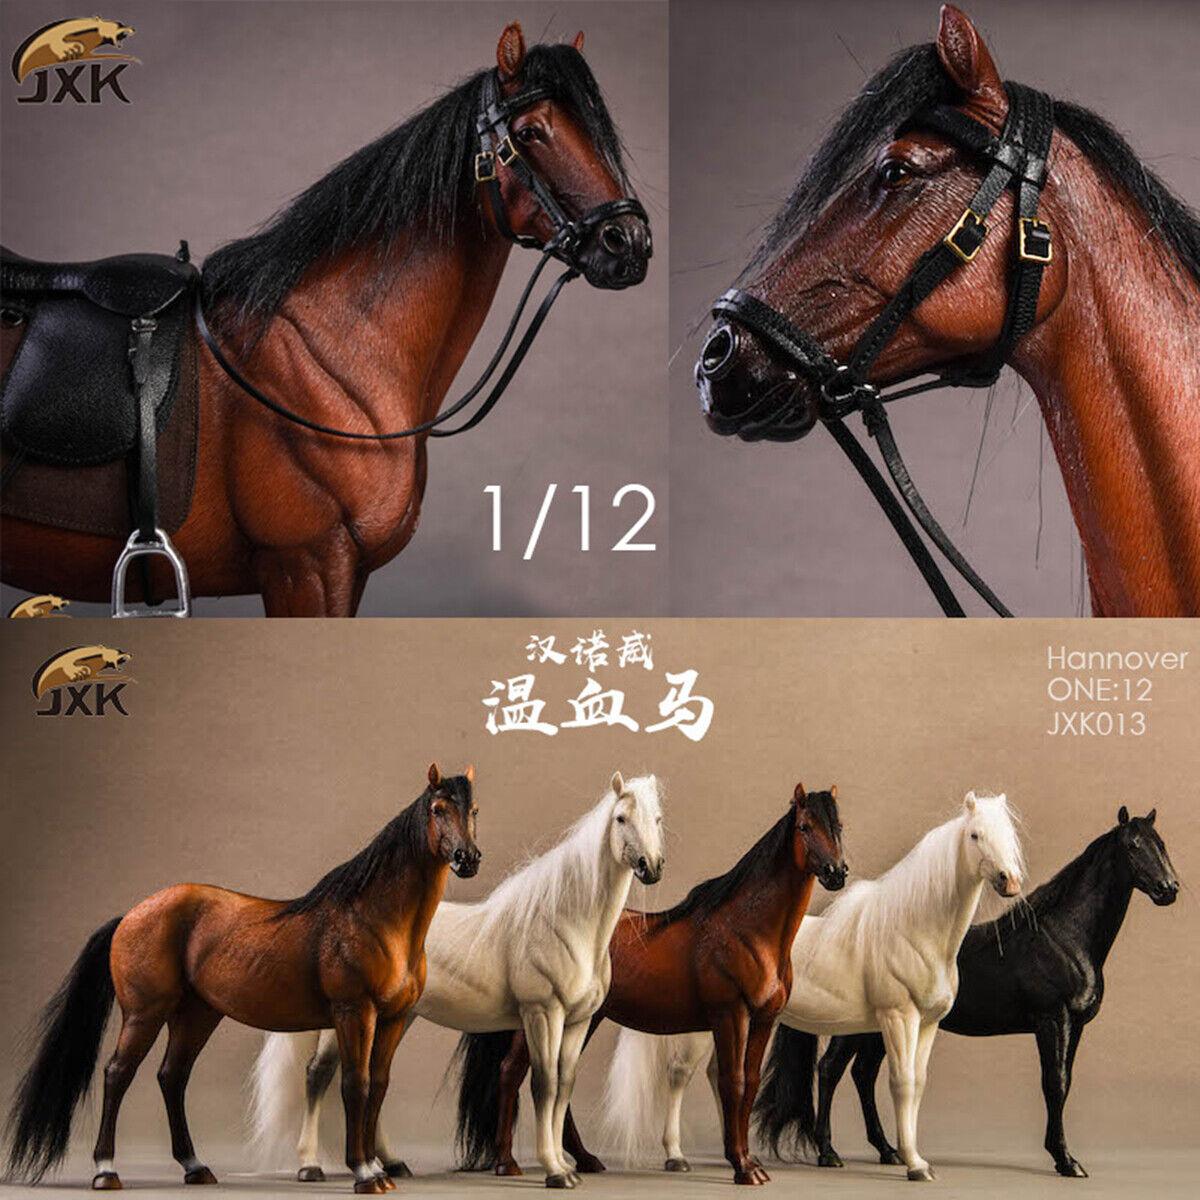 JXK 1 12 Geruomo Hannover Horse Statue Animal modellololo  cifra Collector giocattolo Gift  articoli promozionali